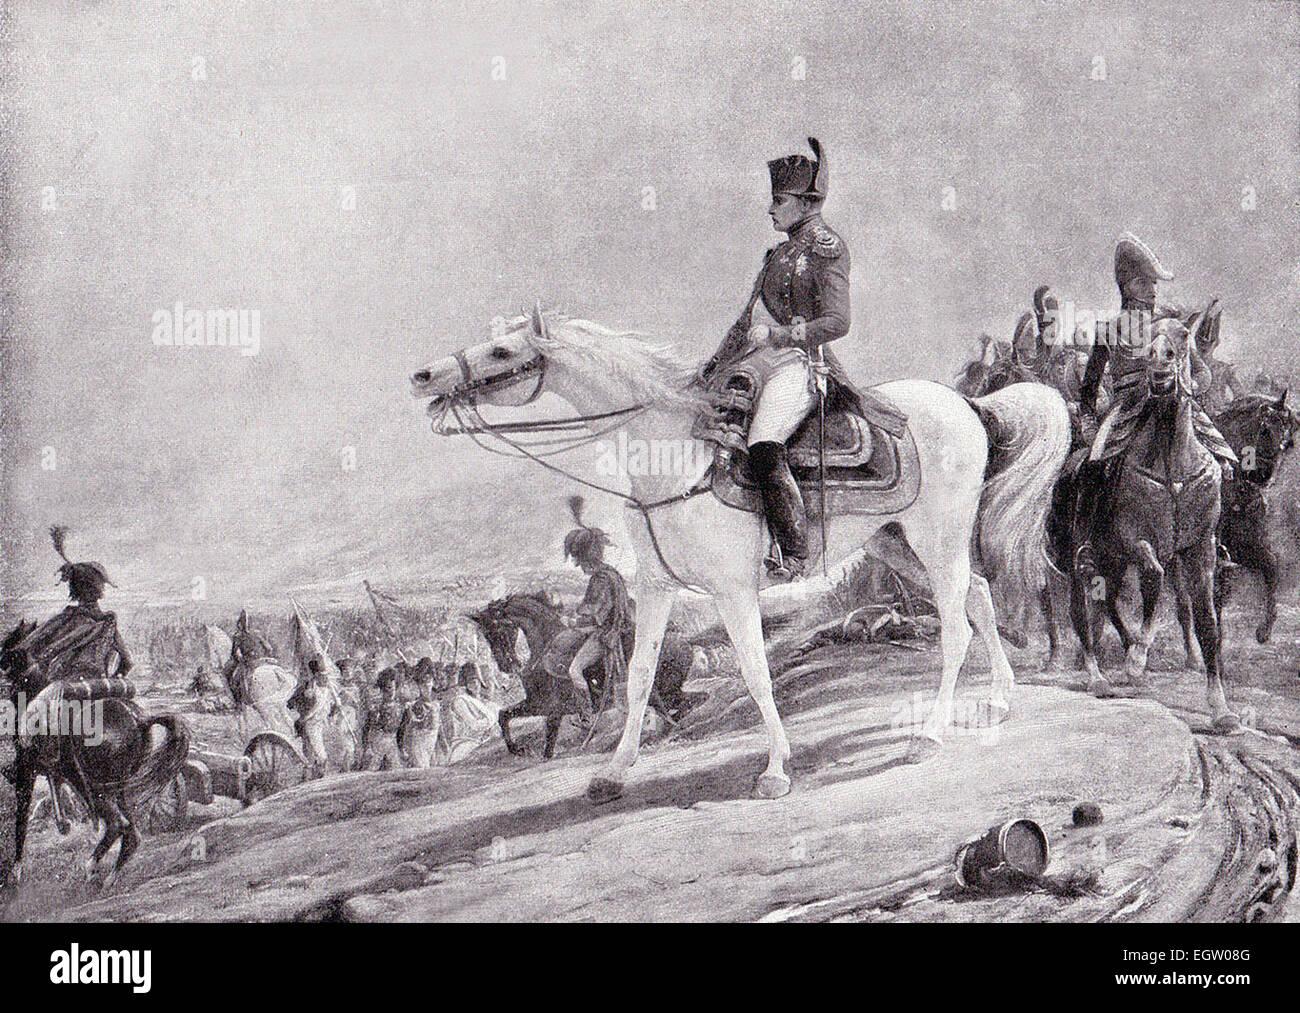 Grabado de Napoleón en el campo de Waterloo, en 1815, de una pintura de L. Royer. Imagen De Stock